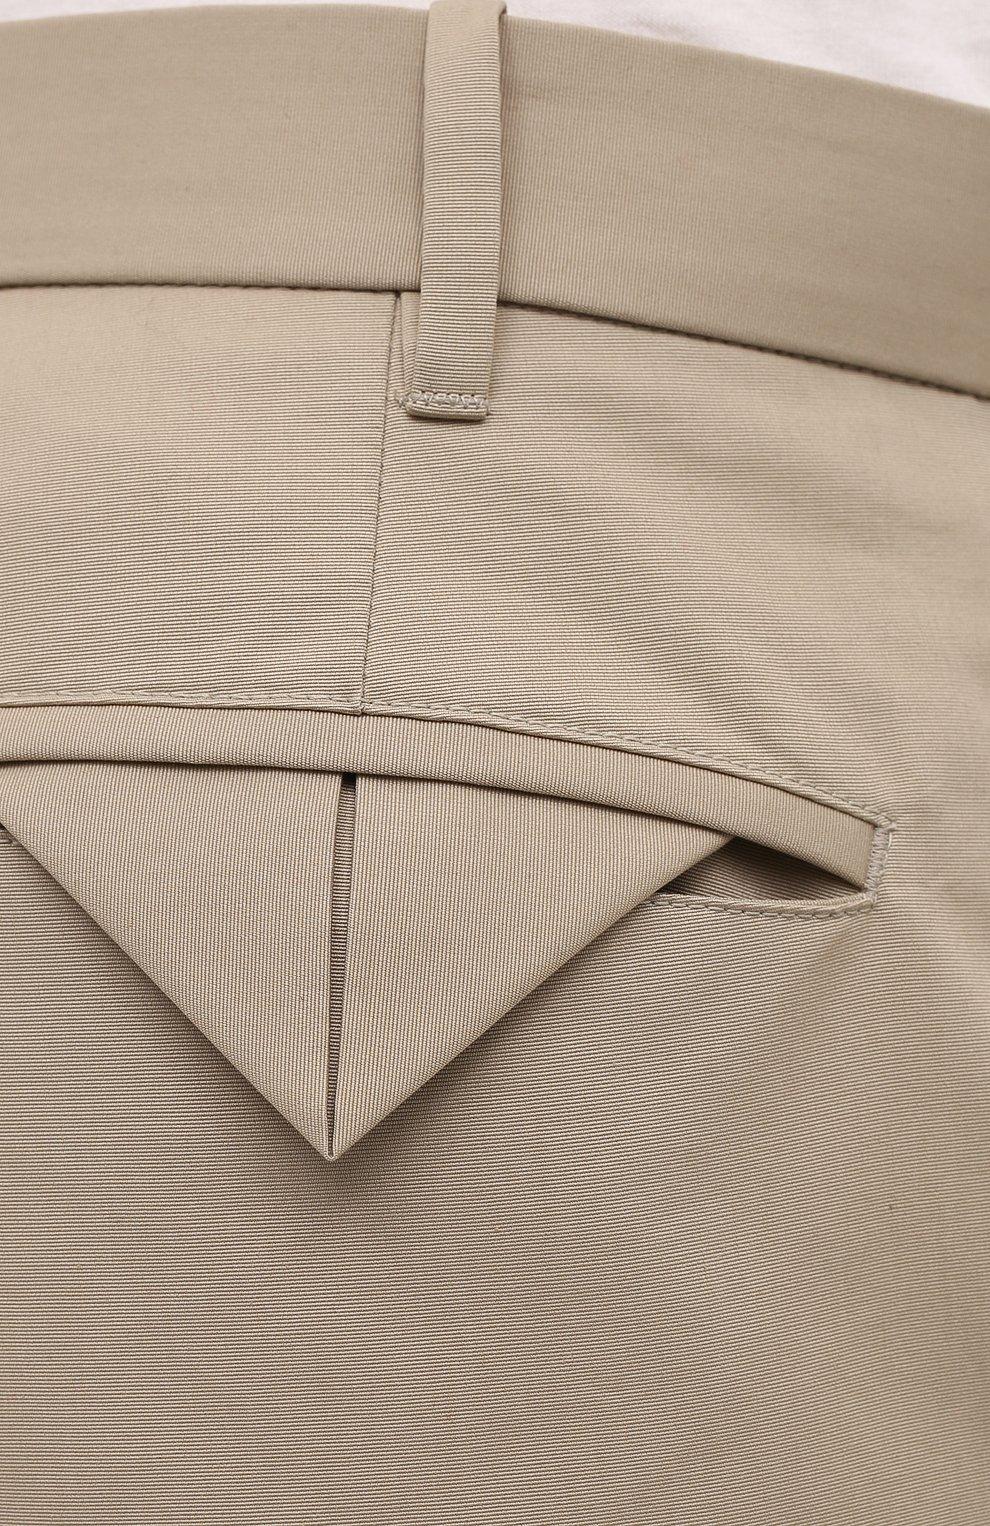 Мужские хлопковые брюки BOTTEGA VENETA бежевого цвета, арт. 647392/V0FJ0 | Фото 5 (Длина (брюки, джинсы): Стандартные; Случай: Повседневный; Материал внешний: Хлопок; Стили: Минимализм)